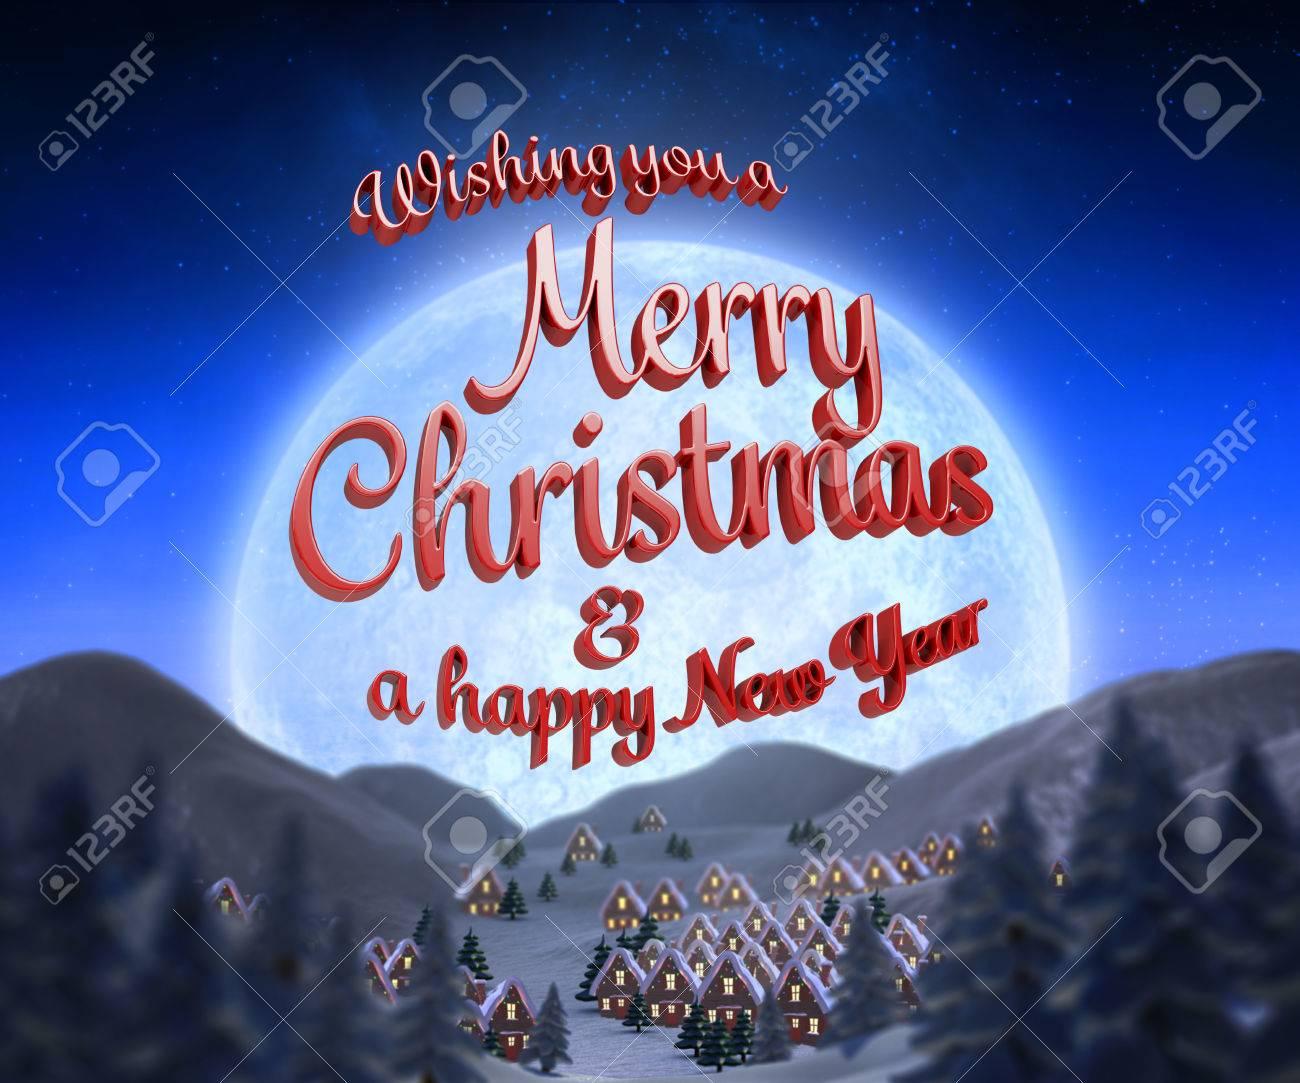 Frohe Weihnachten Nachricht Vor Weihnachten Dorf Unter Vollmond ...